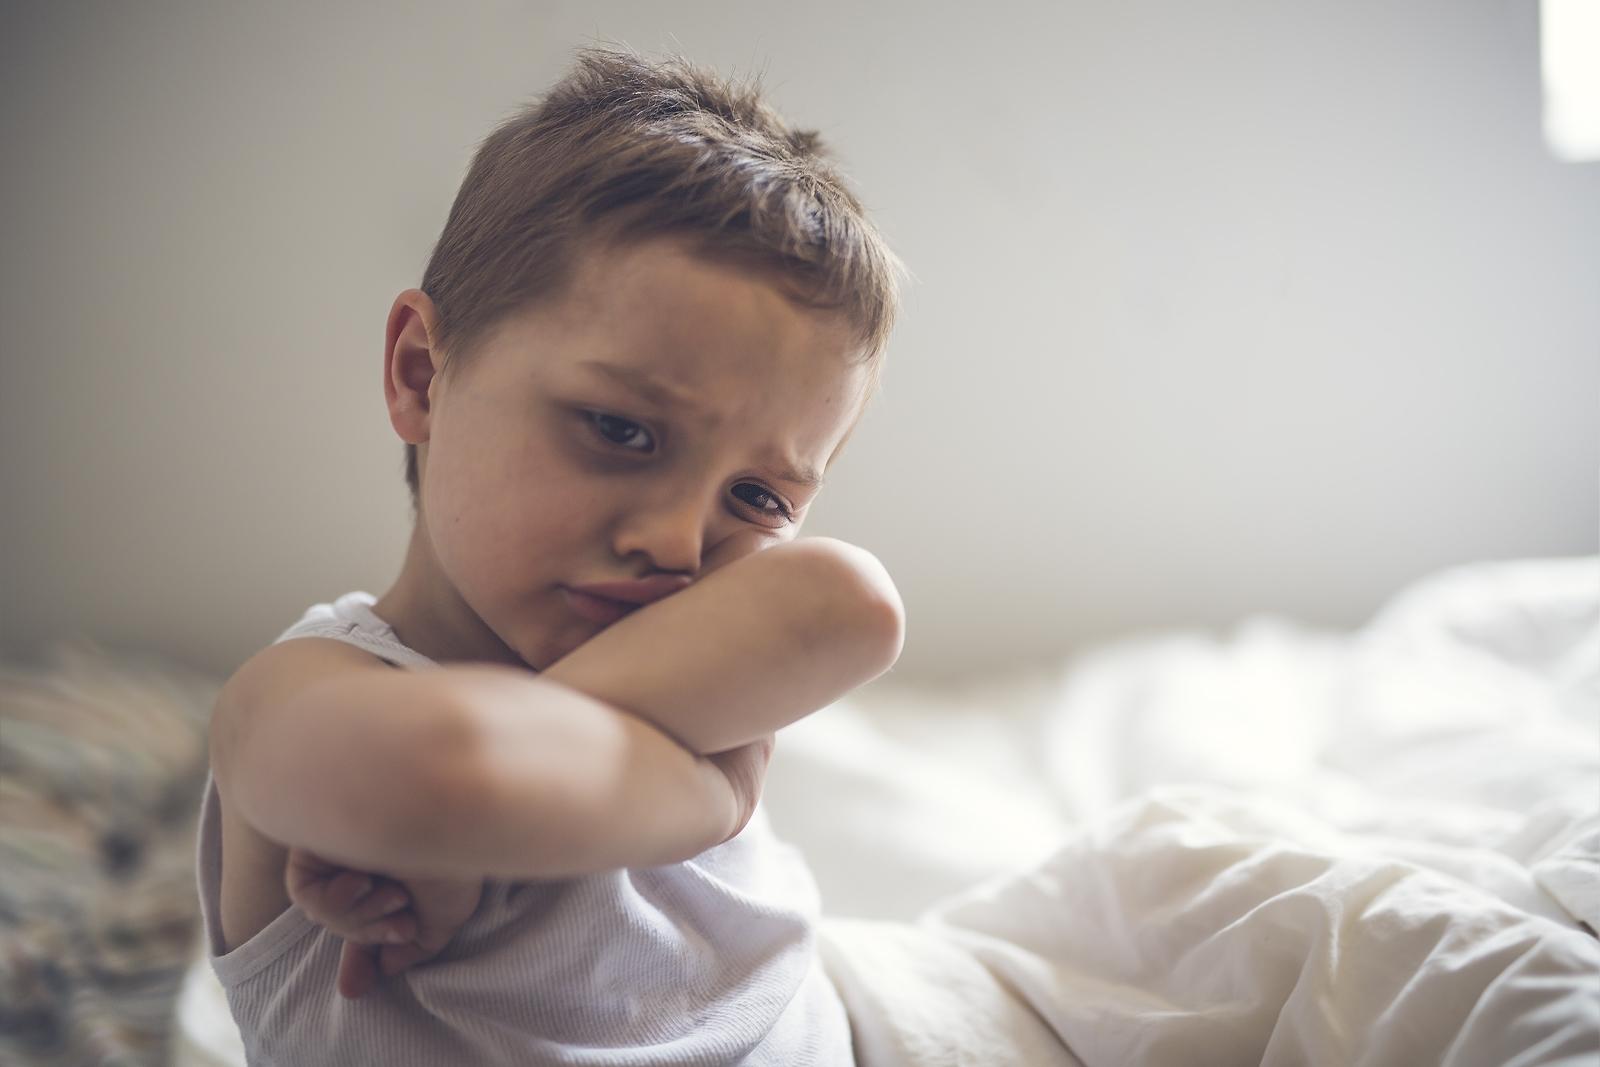 Сълзите идват с мощна доза ендорфини. Освен, че плачът е емоционелтн, той е и физически процес. Именно сълзите и техния състав защитават ириса на окото.